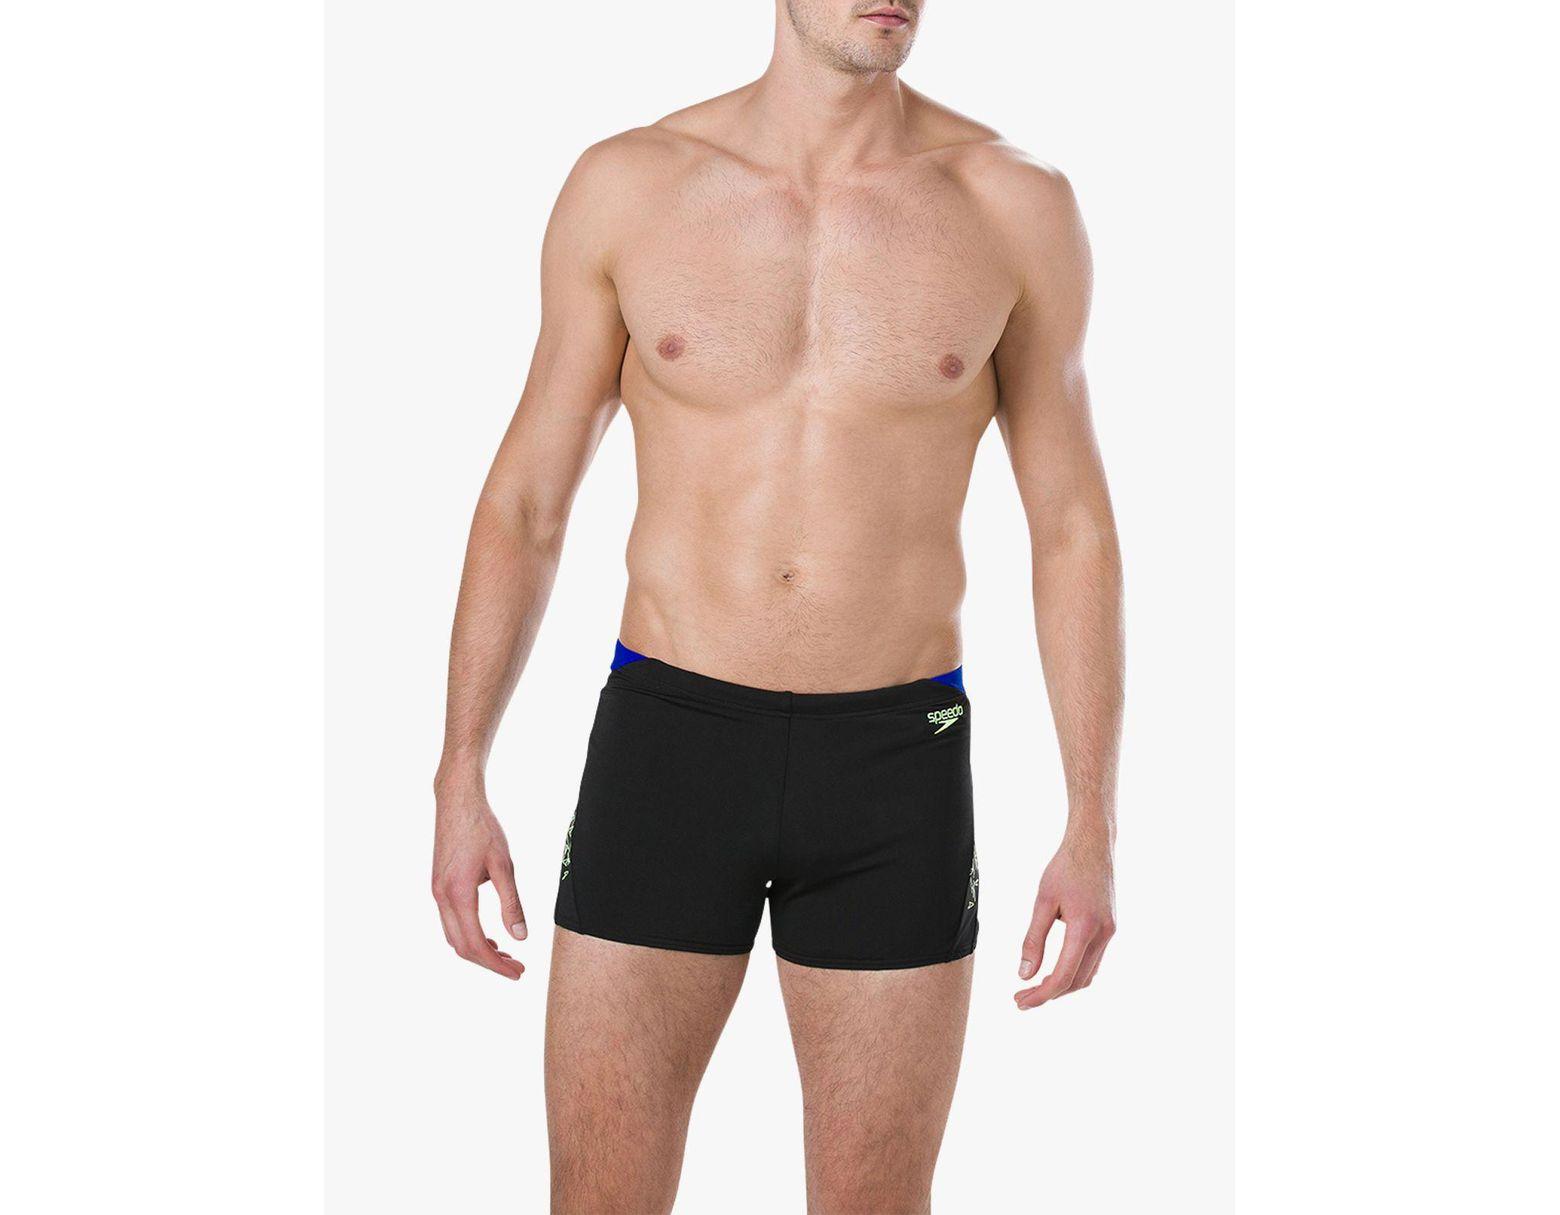 d8ca4557ad5d Speedo Boom Splice Aquashort Swim Shorts in Black for Men - Lyst